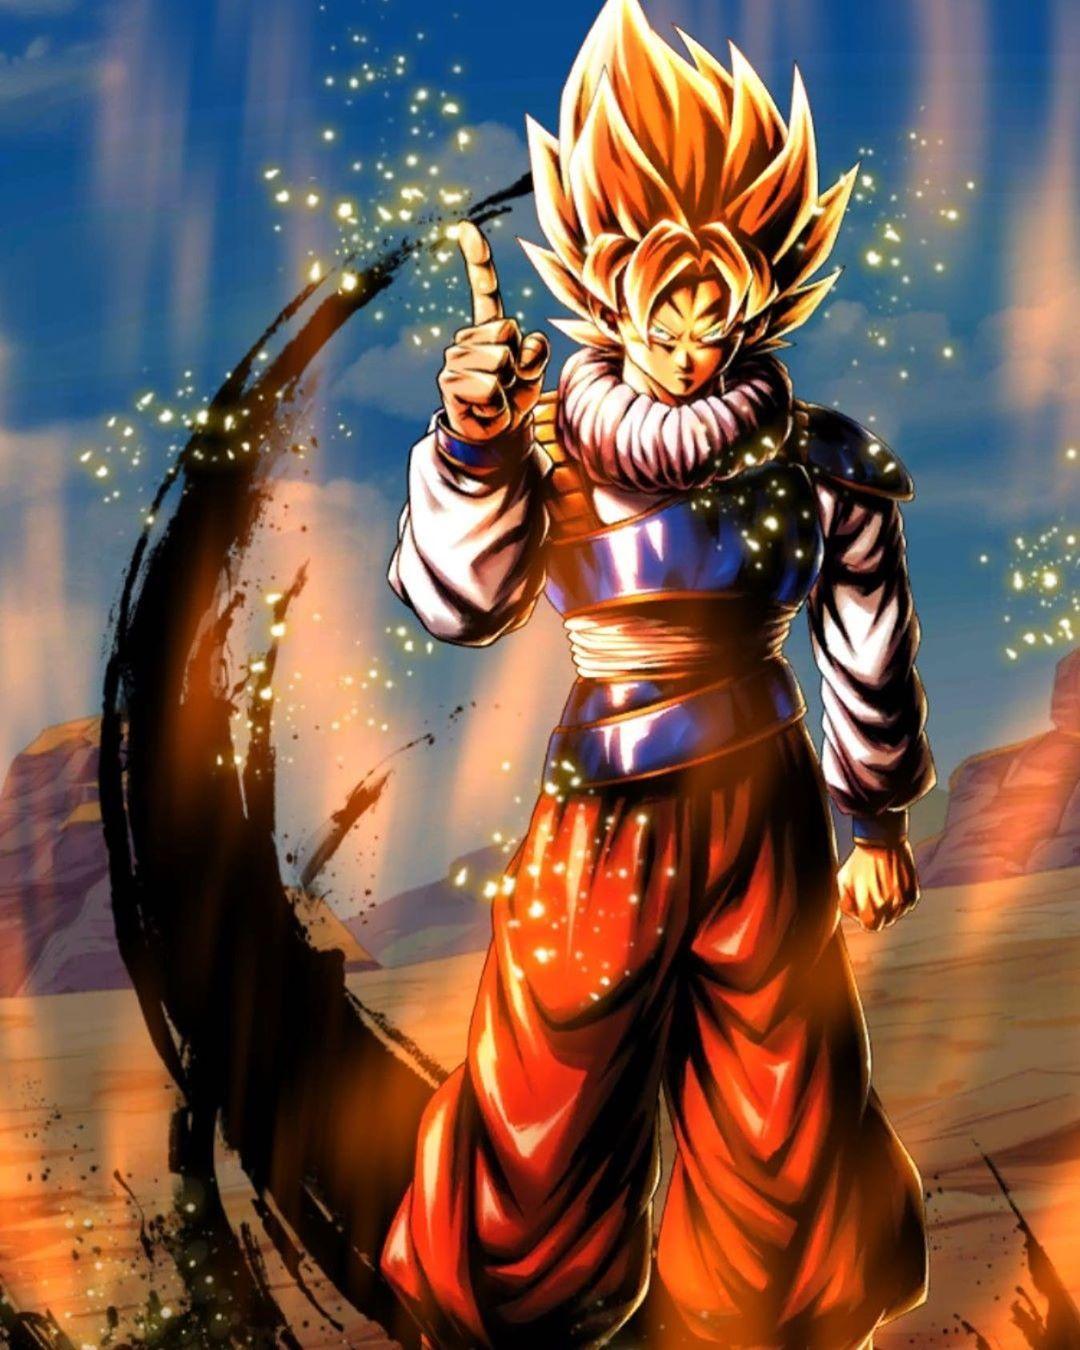 Goku Super Saiyan in 2020 Anime dragon ball super